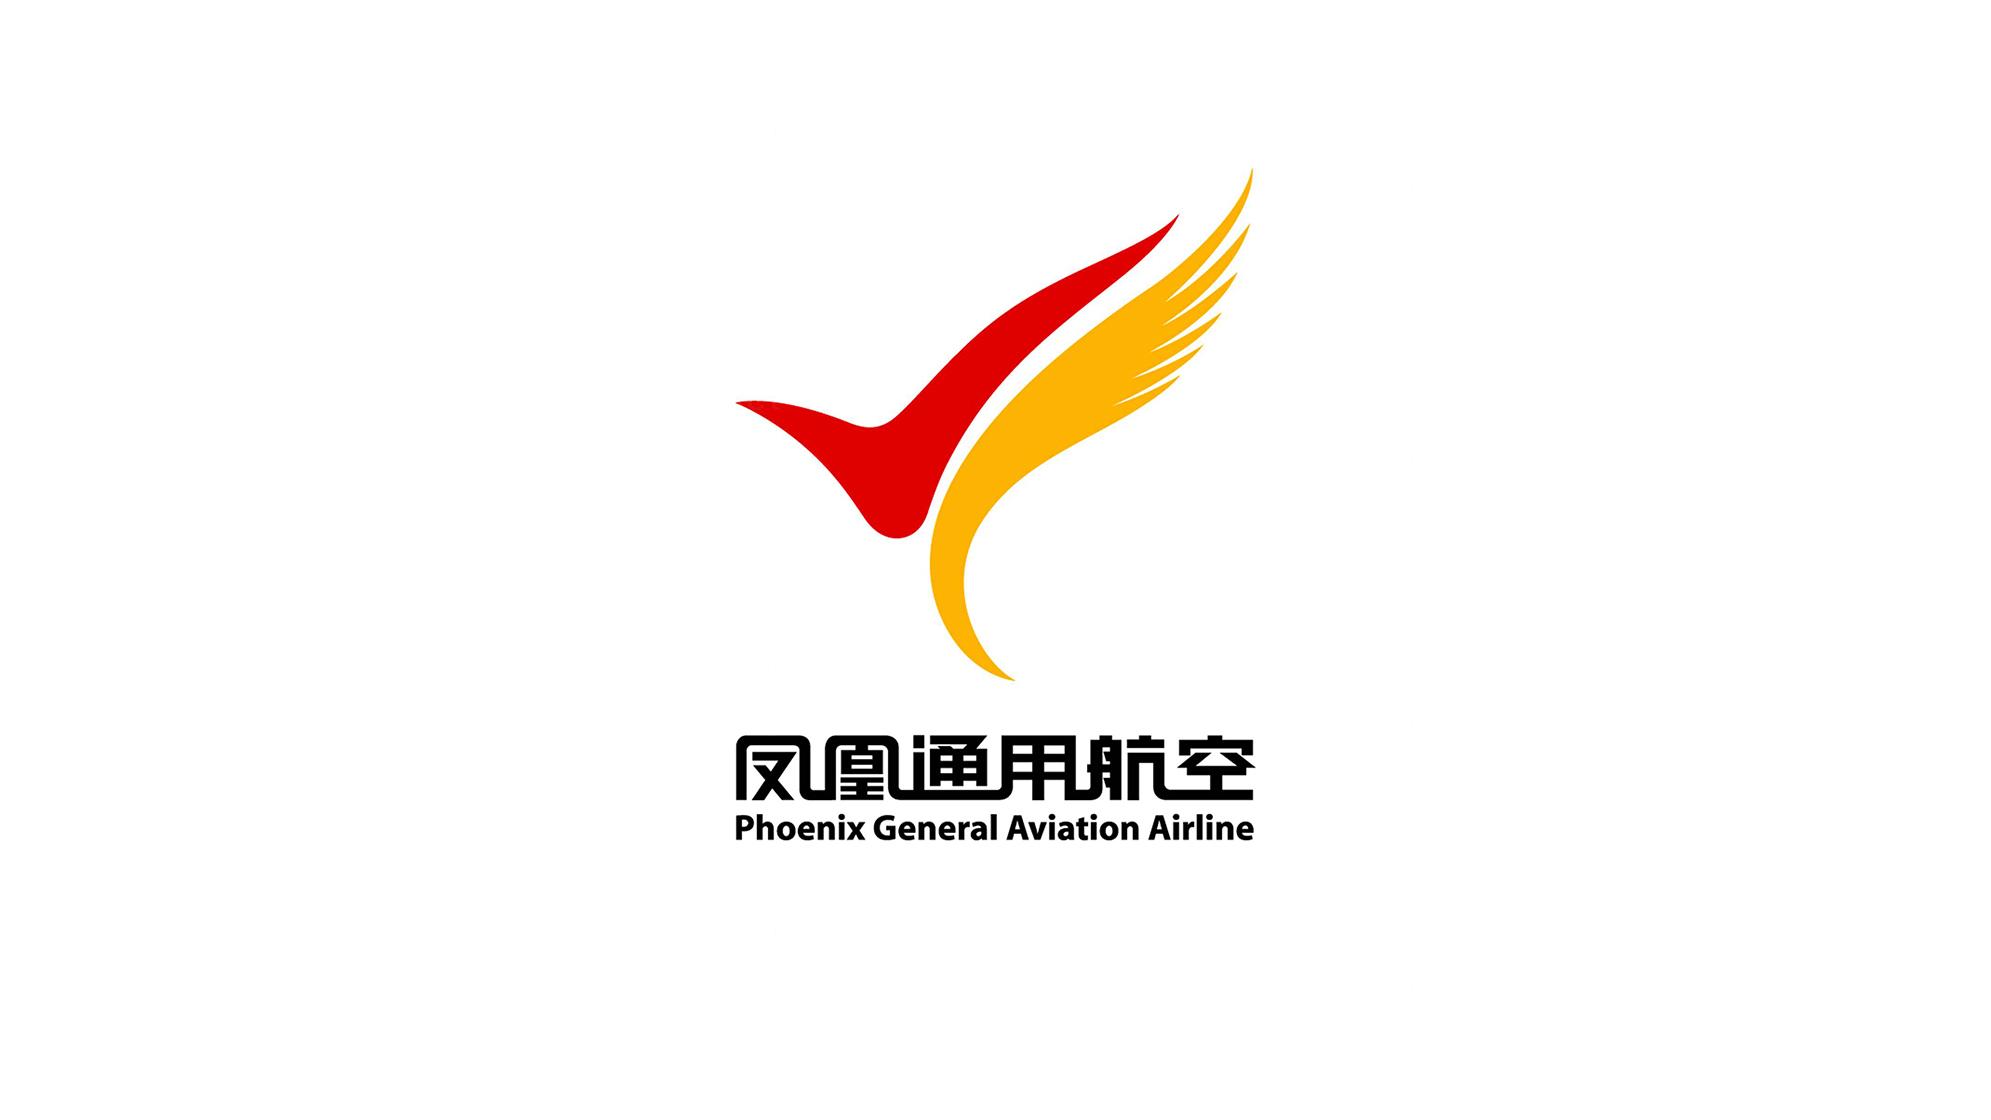 航空航天品牌设计凤凰通用航空标志设计